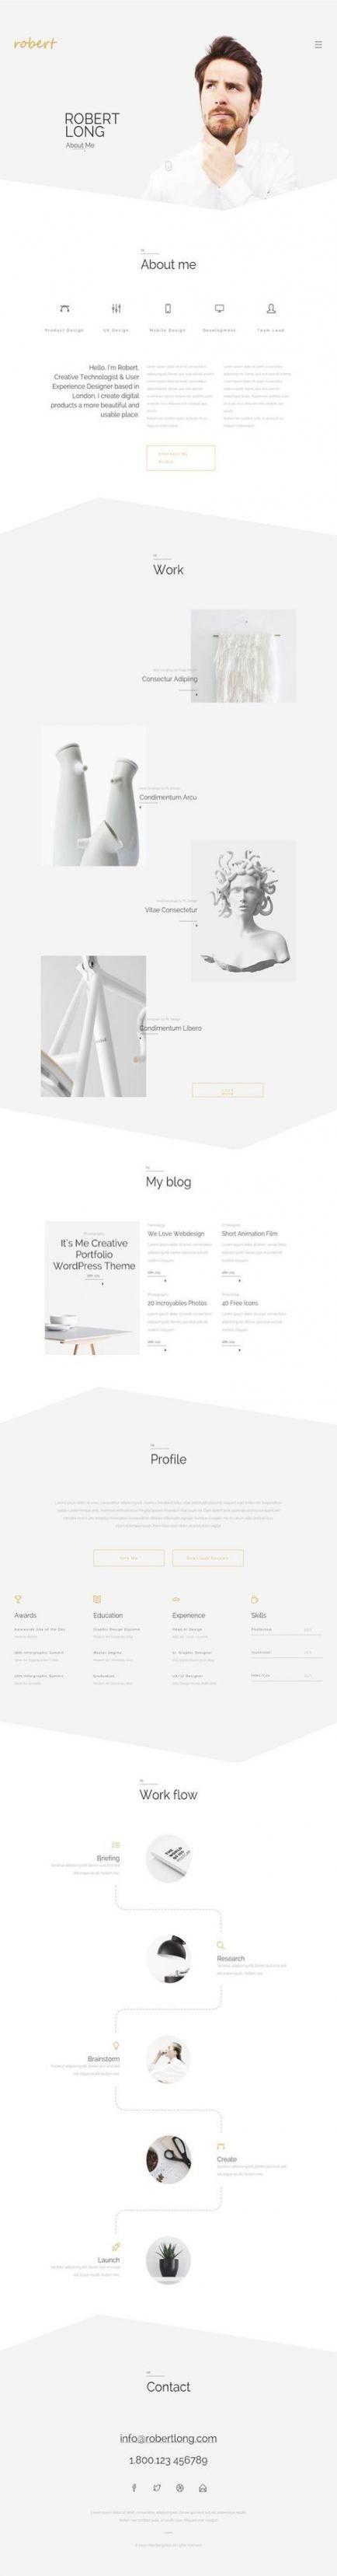 Super design portfolio website web Ideas